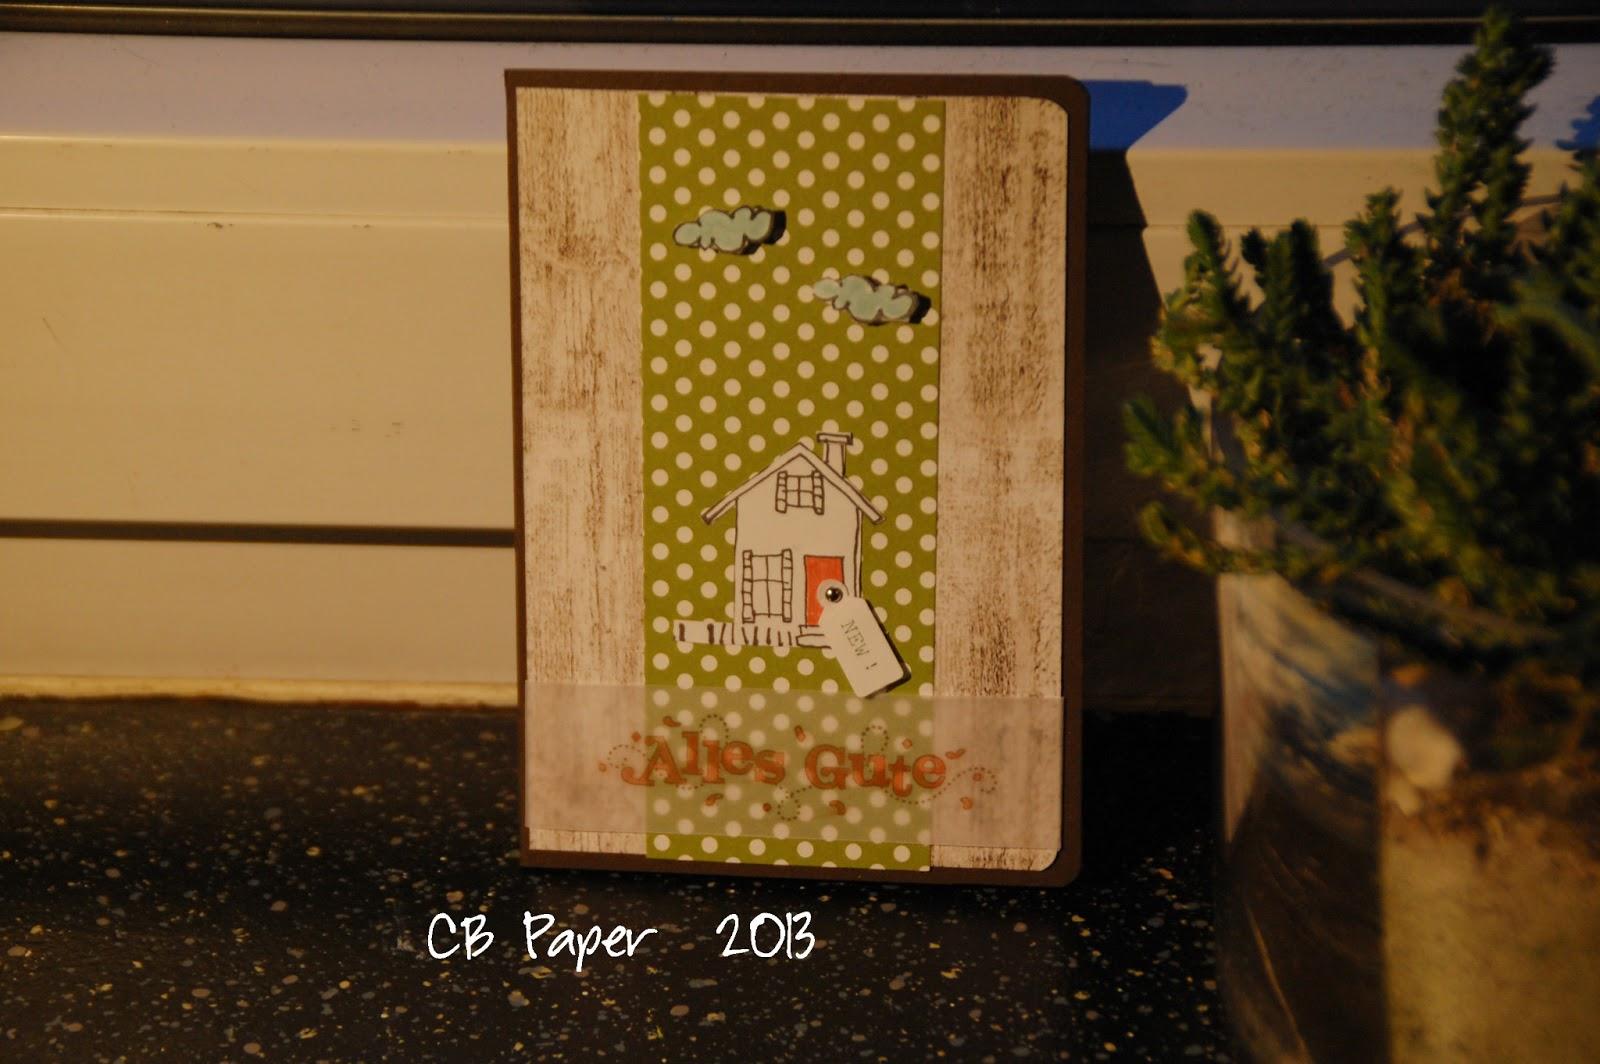 cb paper unabh ngige stampin up demonstratorin praxiser ffnung. Black Bedroom Furniture Sets. Home Design Ideas